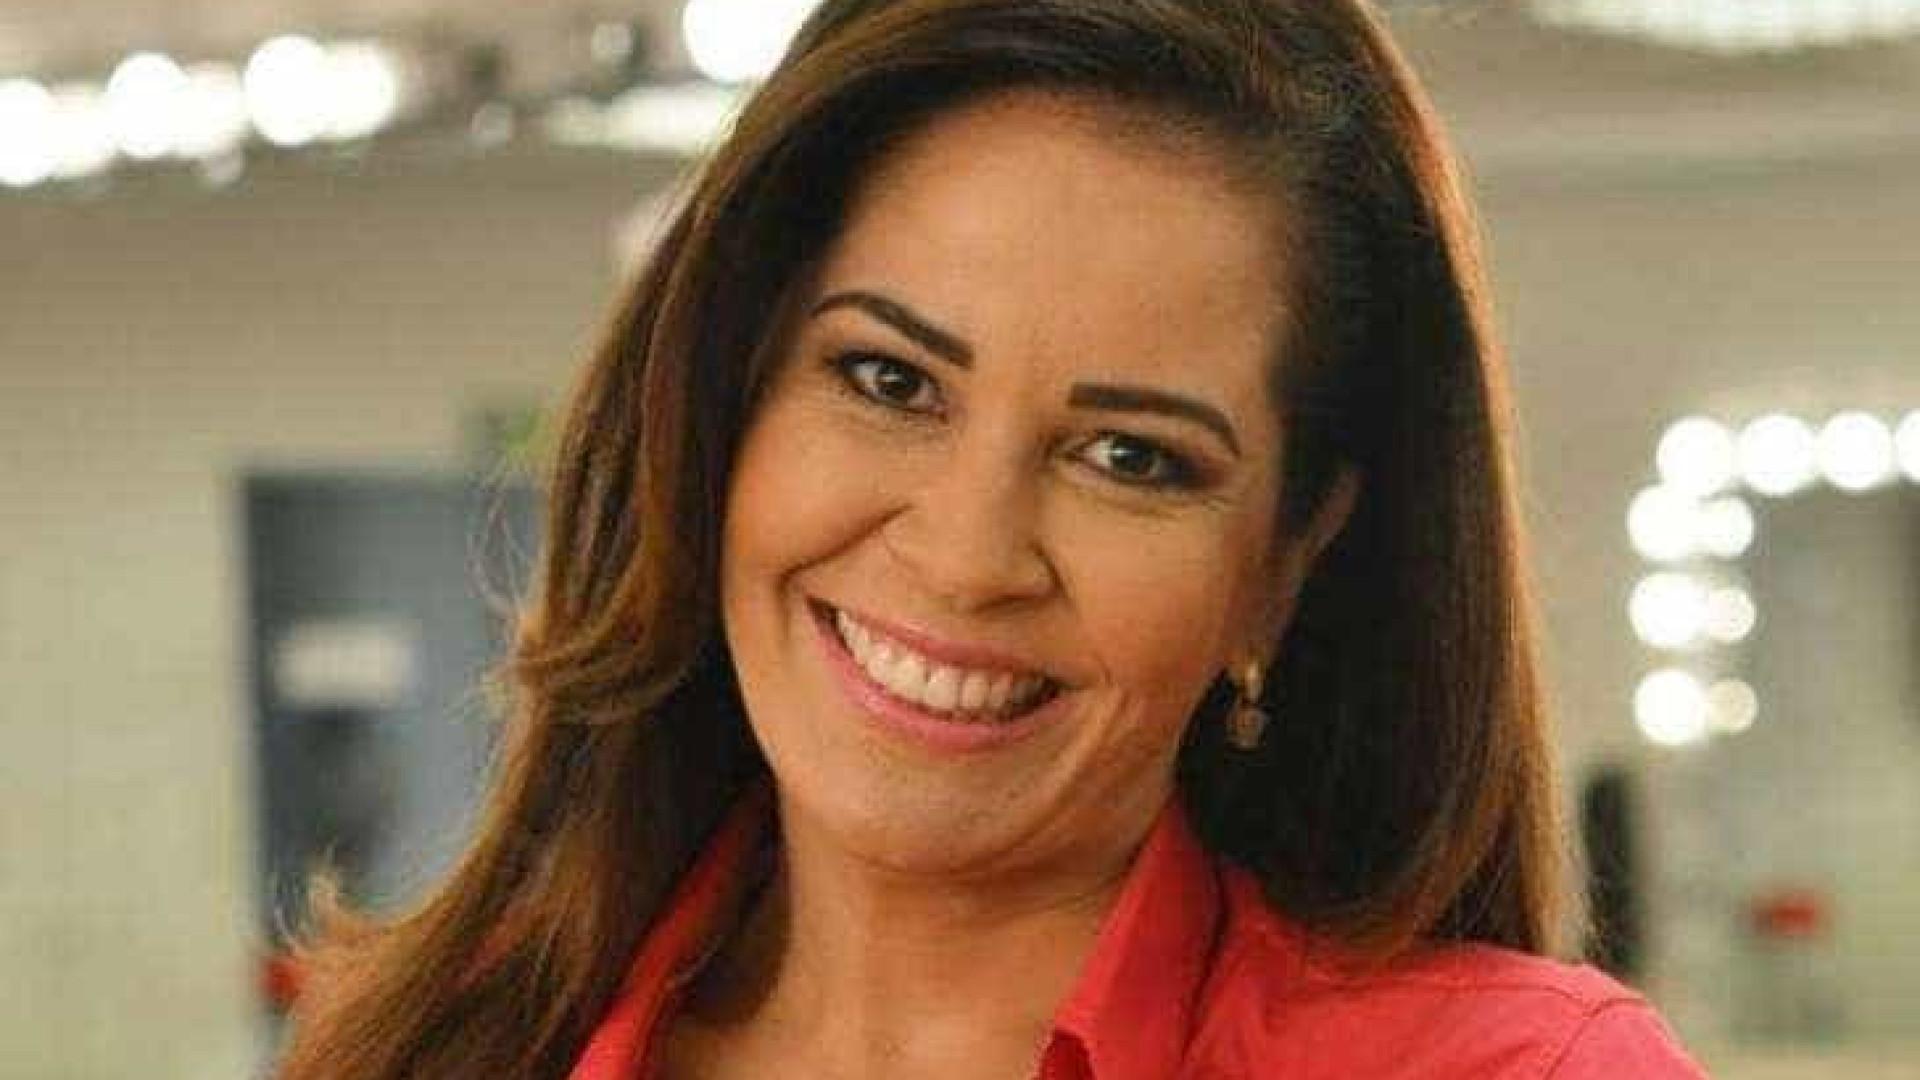 Após AVC, jornalista pede demissão de emissora e assume próprio negócio